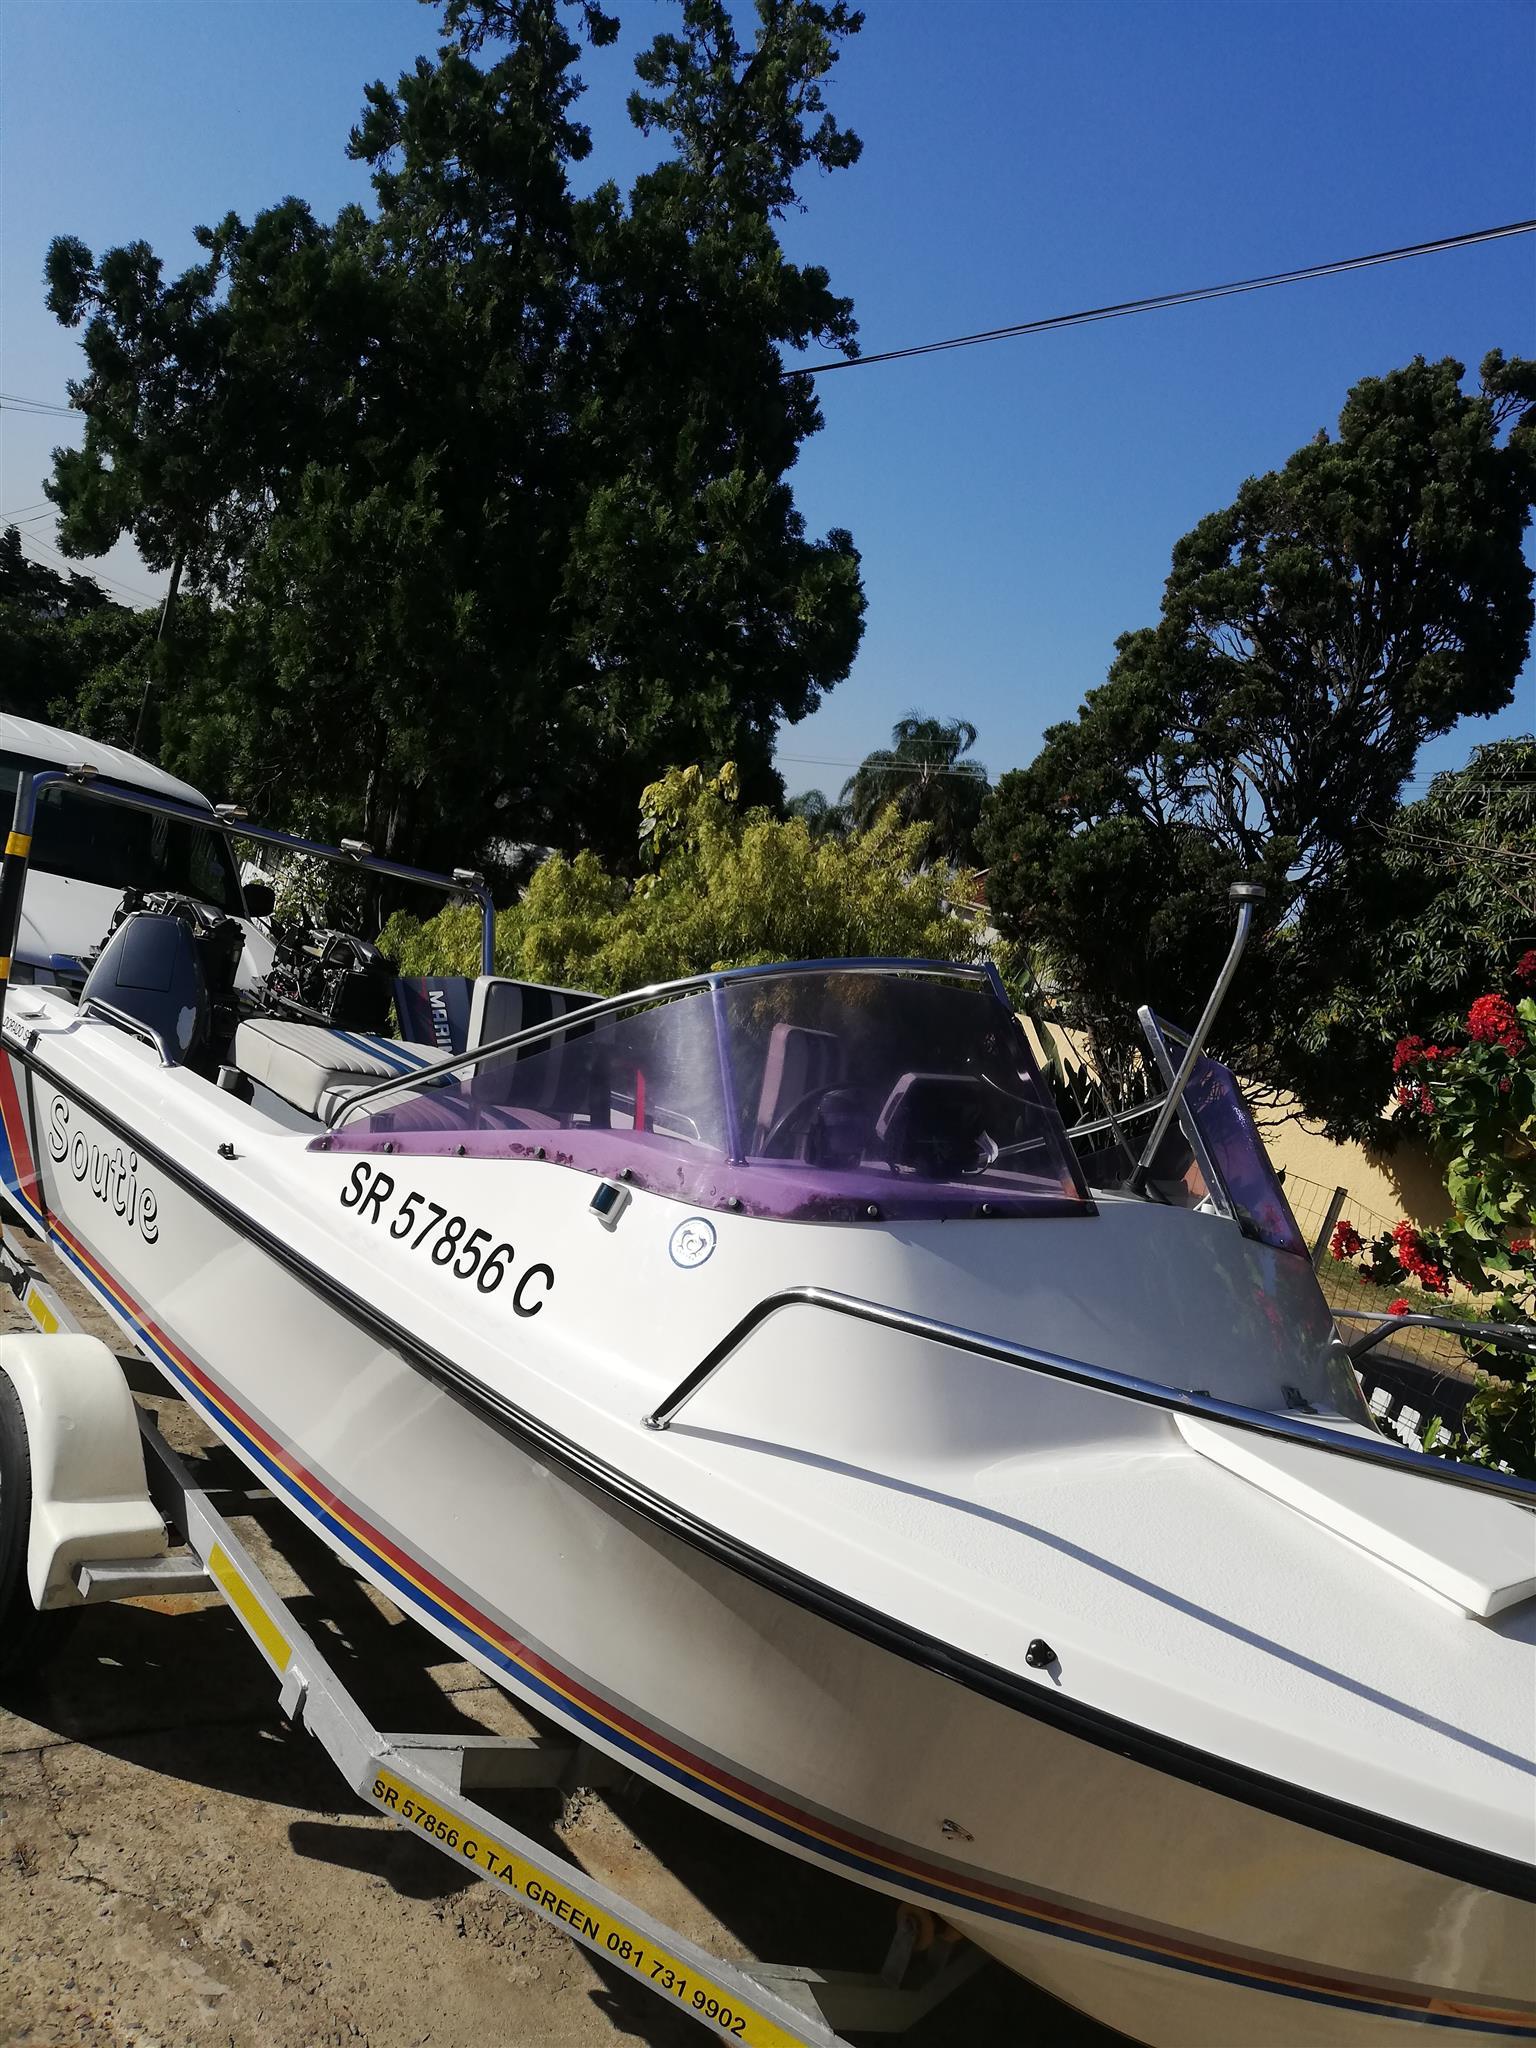 Dorado sprint boat with 2 x 40hp mariner